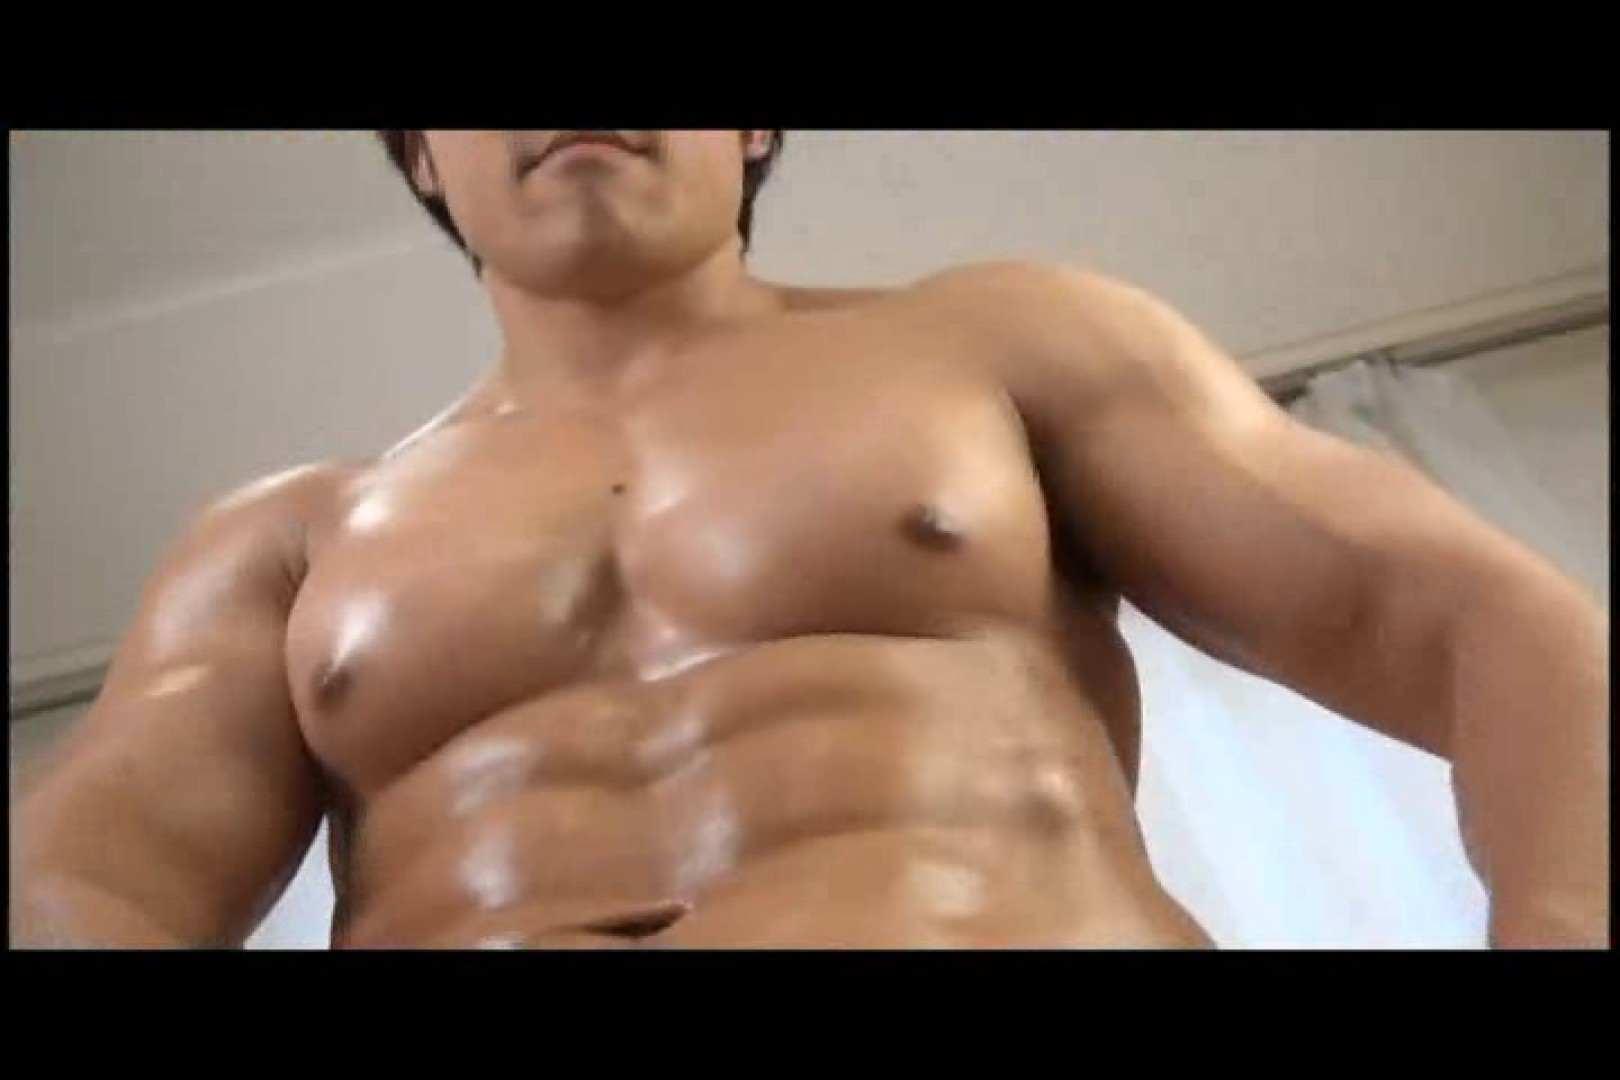 エロガチムチ兄さんのセクシームービー後編 エロ   ガチムチマッチョ系  62pic 41